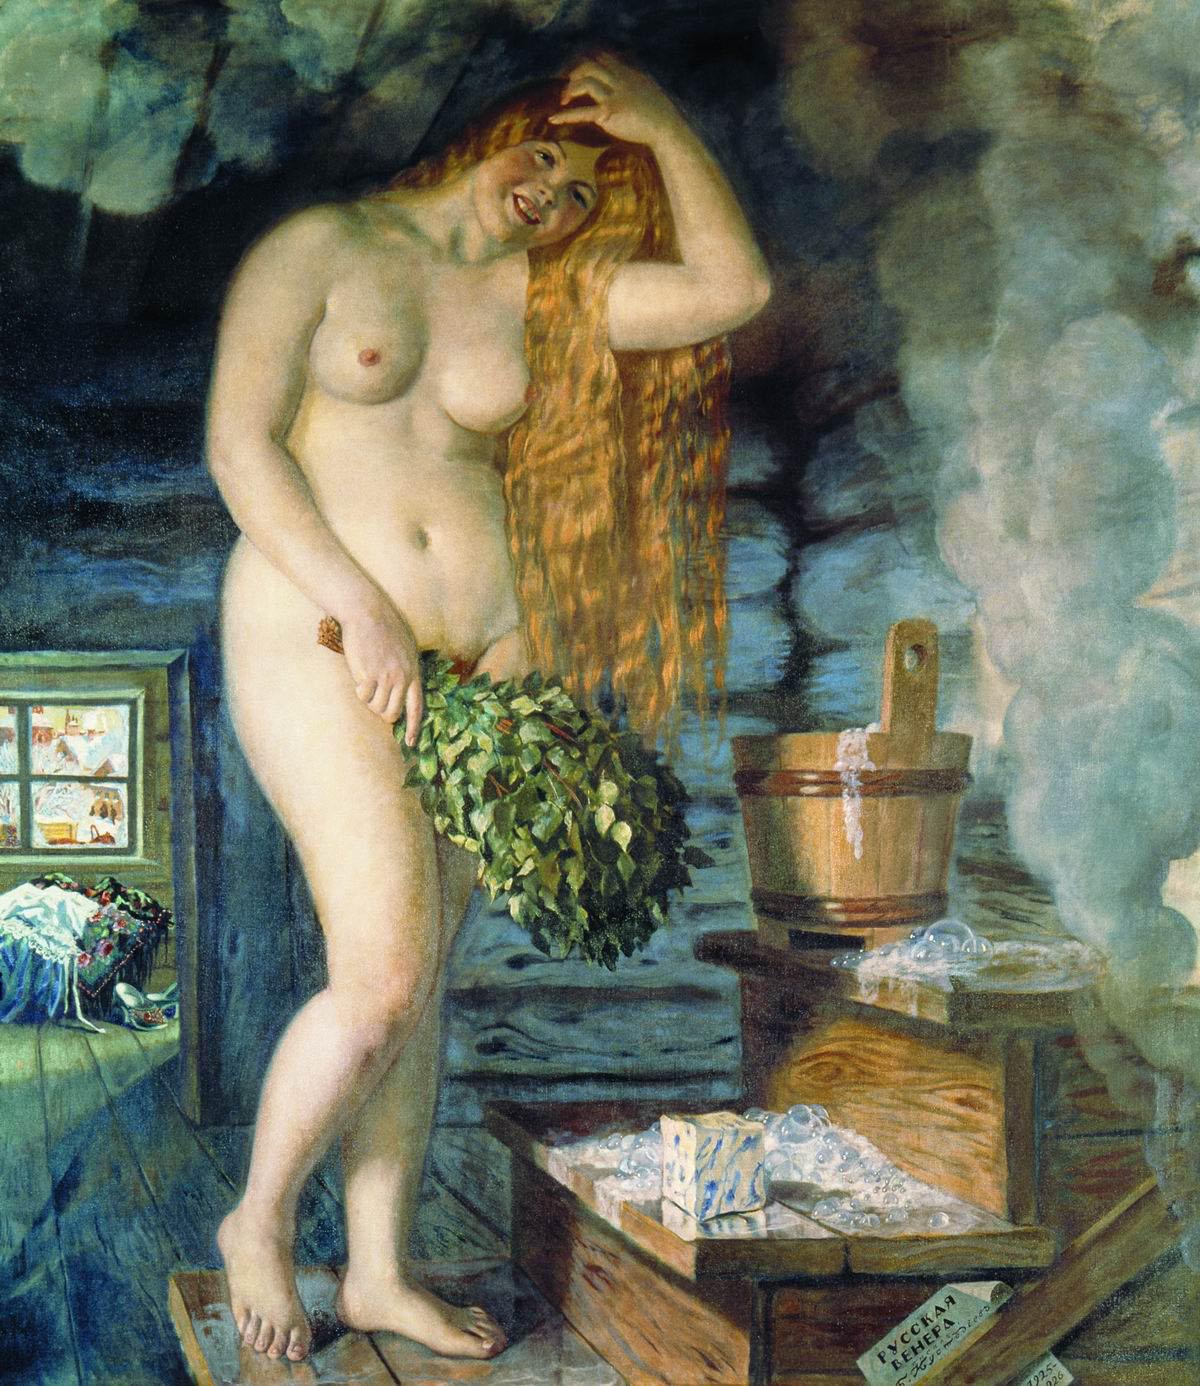 Женщина в бане&nbsp;— «Русская Венера», худ.&nbsp;Б. Кустодиев. <br>